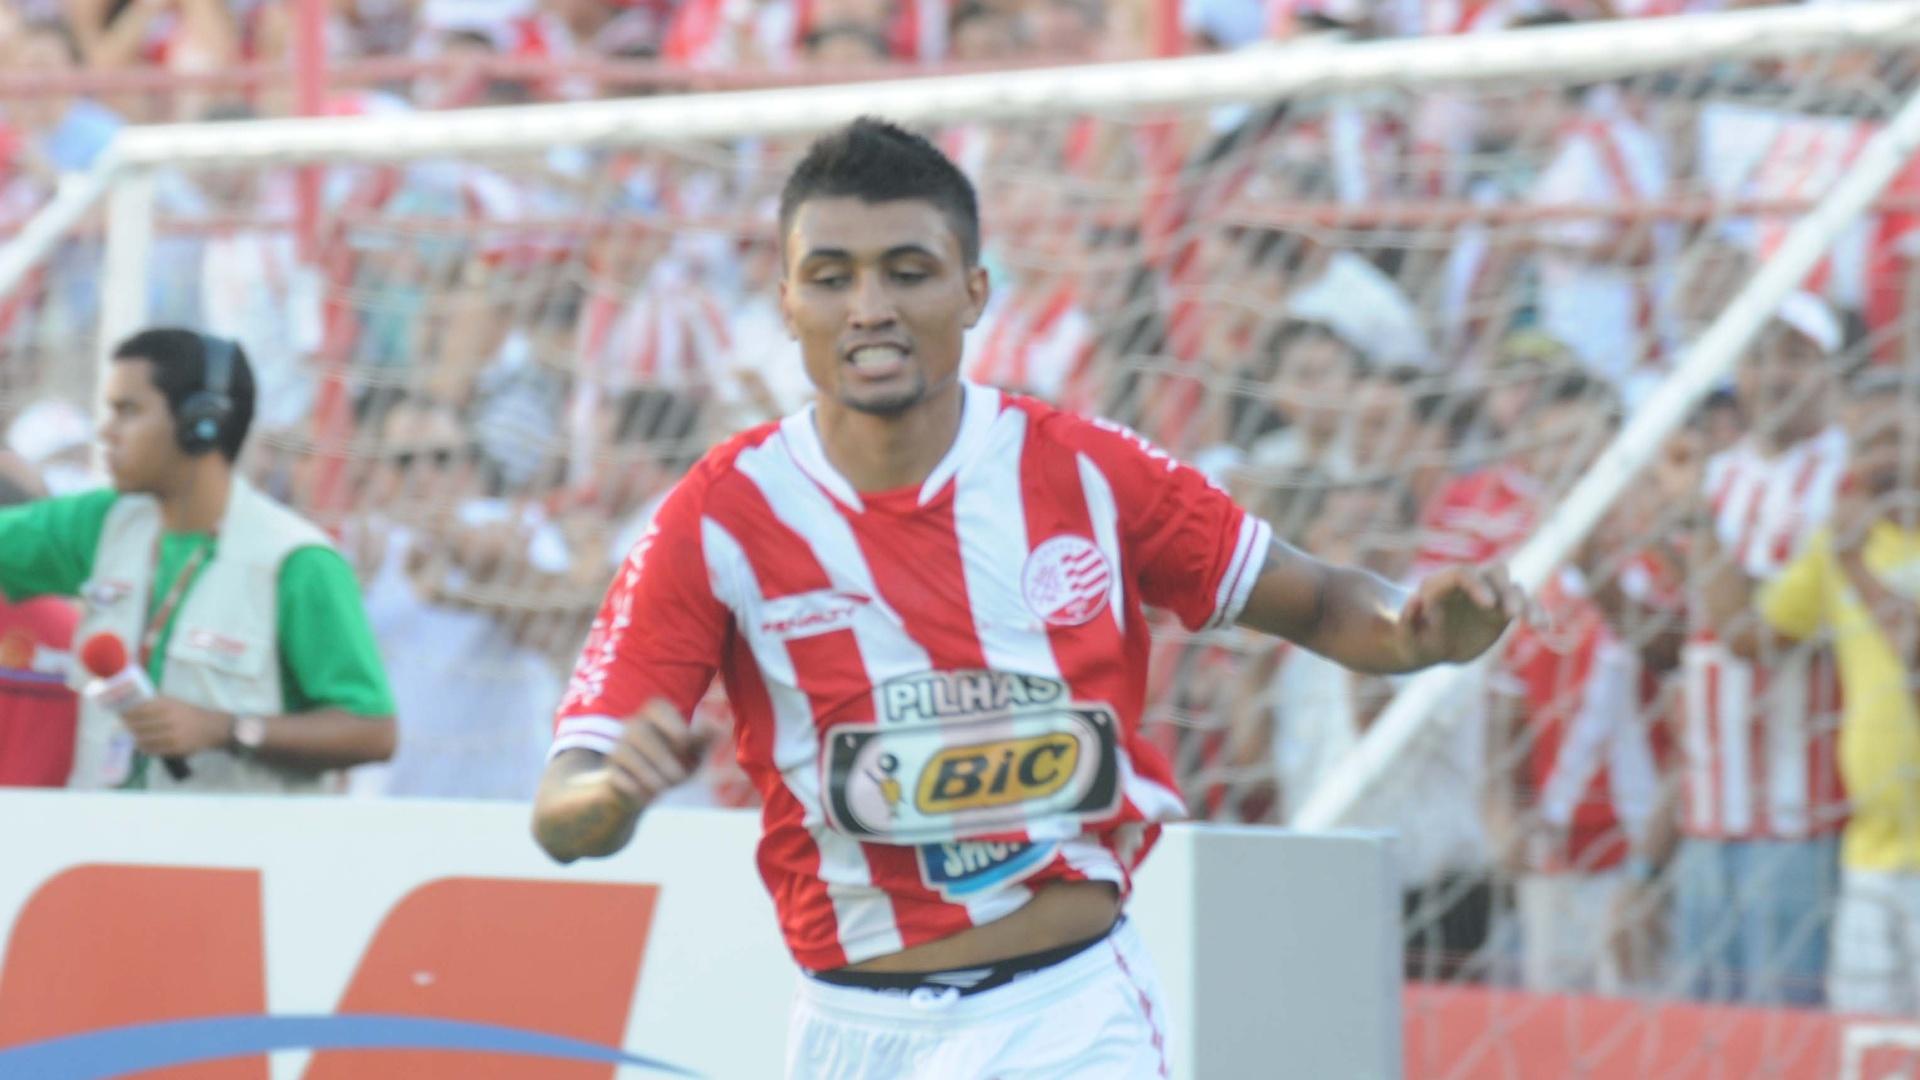 Kieza, atacante do Náutico, comemora gol marcado na partida contra o Palmeiras, no estádio dos Aflitos, em Recife